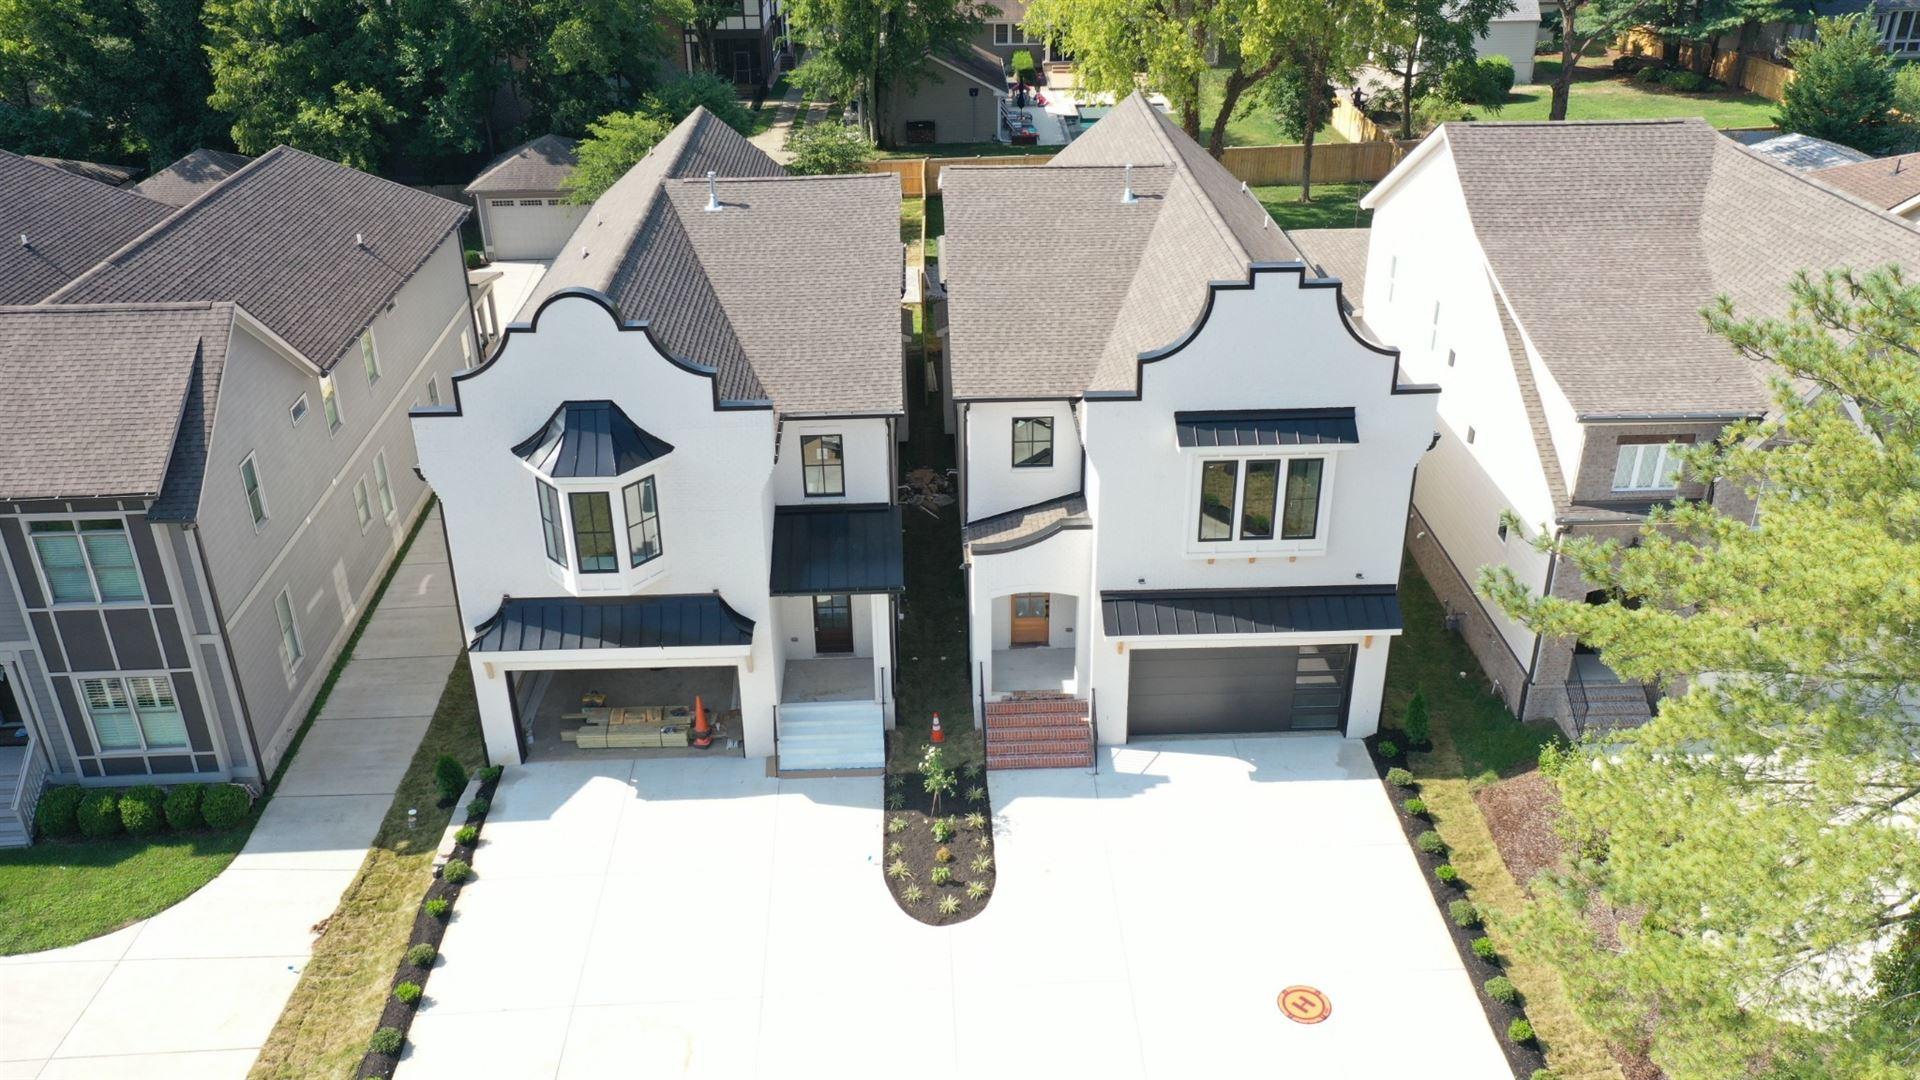 1493B Woodmont Blvd #B, Nashville, TN 37215 - MLS#: 2179474